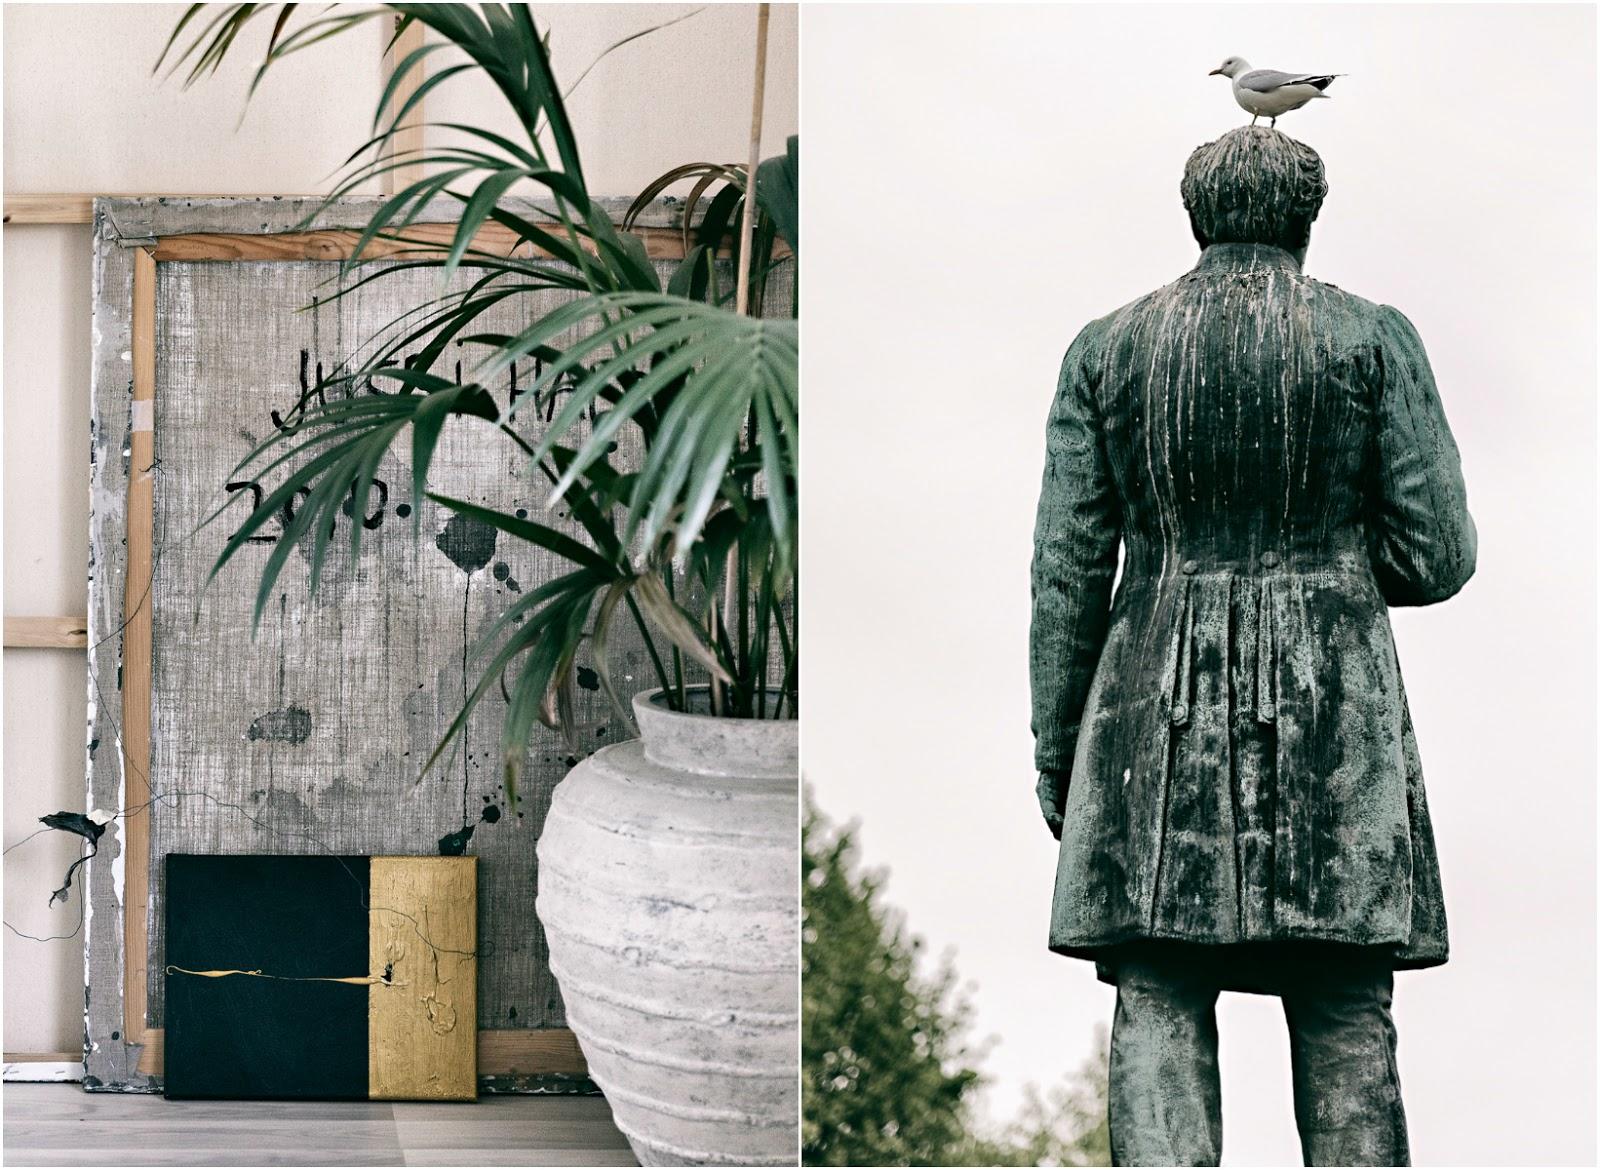 sisustus, sisustaminen, sisustusinspiraatio, valokuvataulut, taide, my art, art, hyvä elämä, oma koti, valokuvaus, elämä, Visualaddict, valokuvaaja, Frida Steiner, Visualaddictfrida, patsas, Helsinki